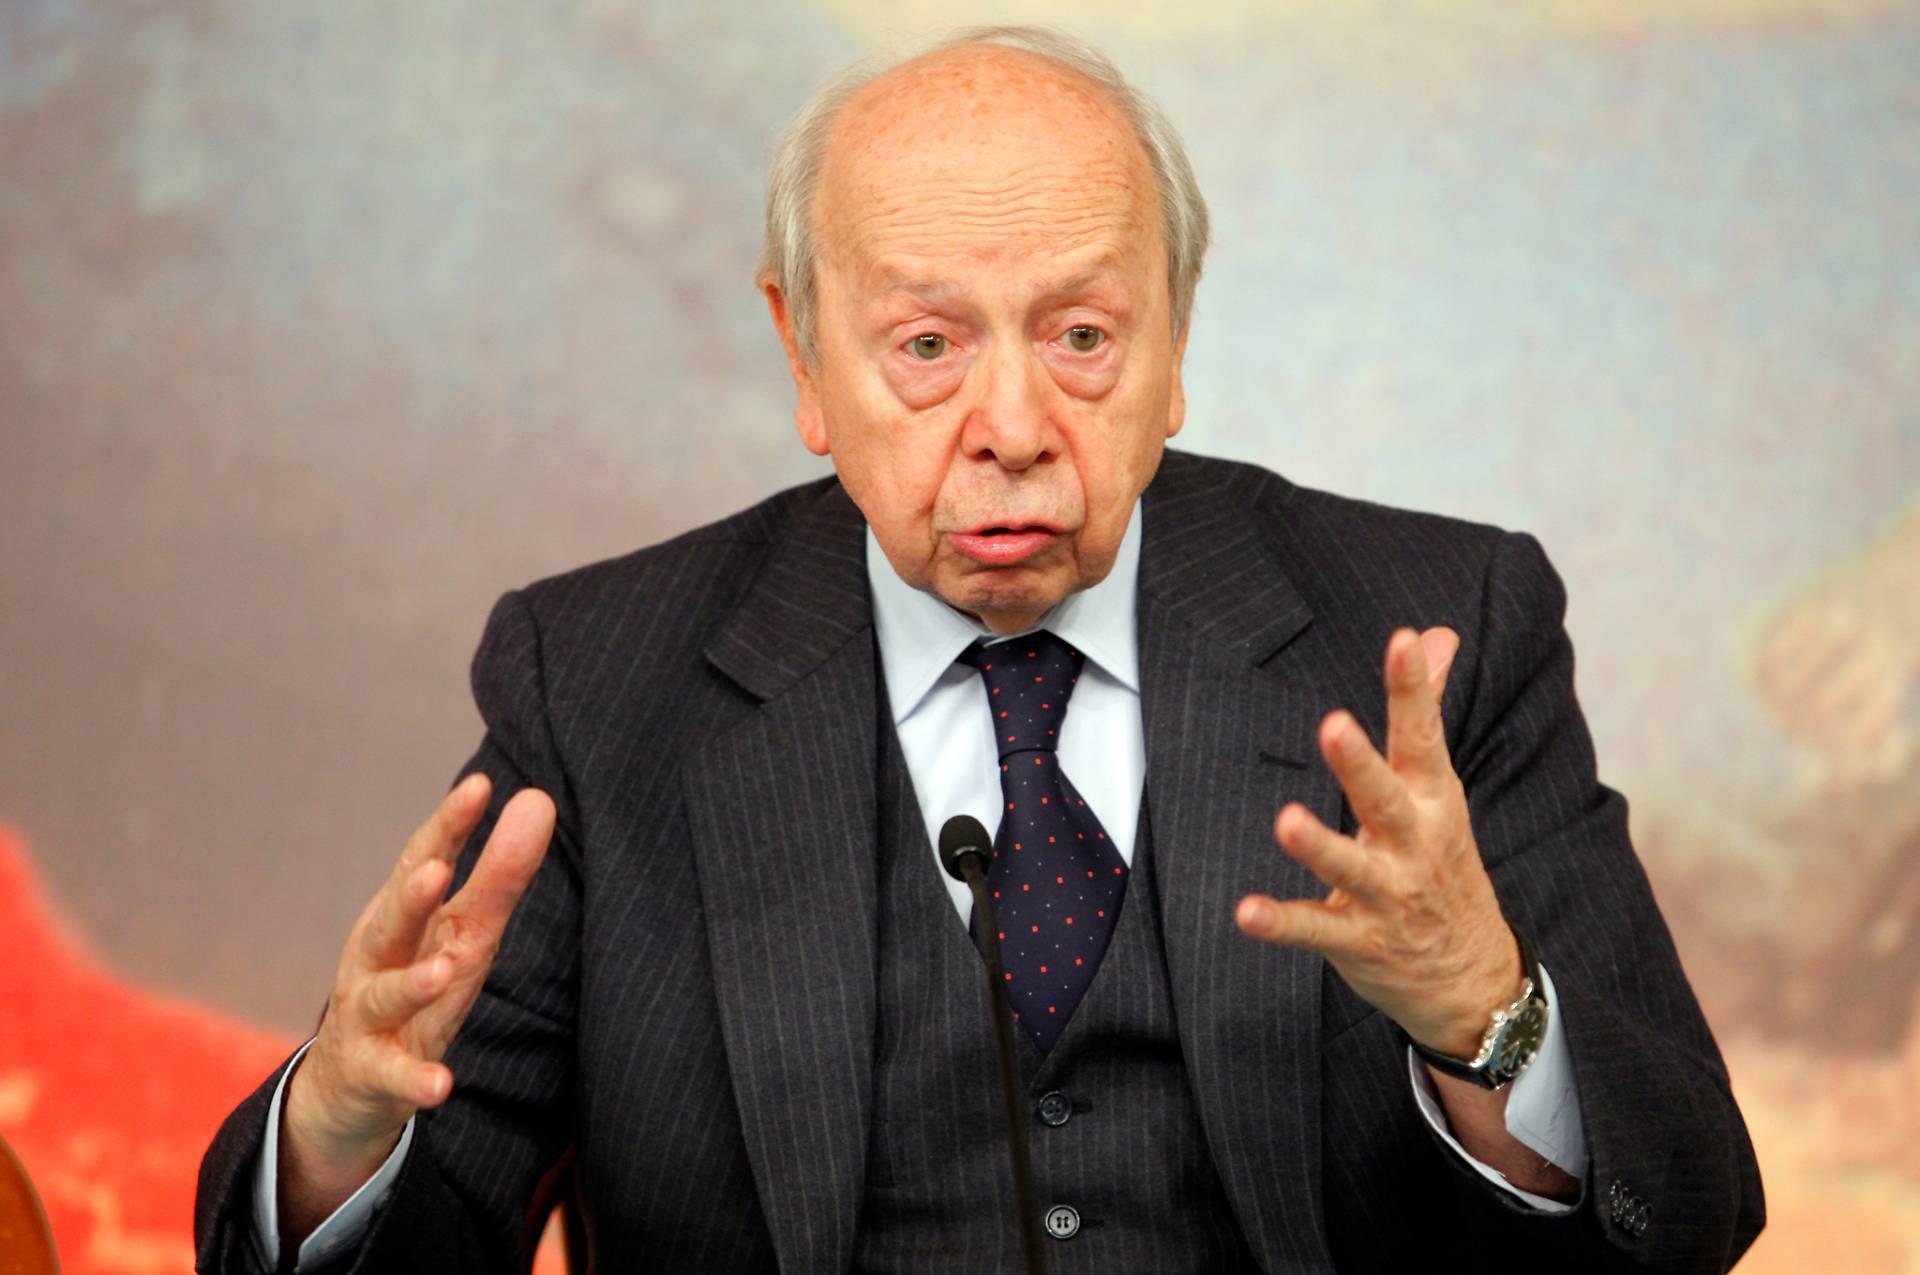 """Taglio dei vitalizi, lo stop esalta l'ex Premier Dini: """"Finalmente cancellata situazione iniqua"""" - Leggilo.org"""